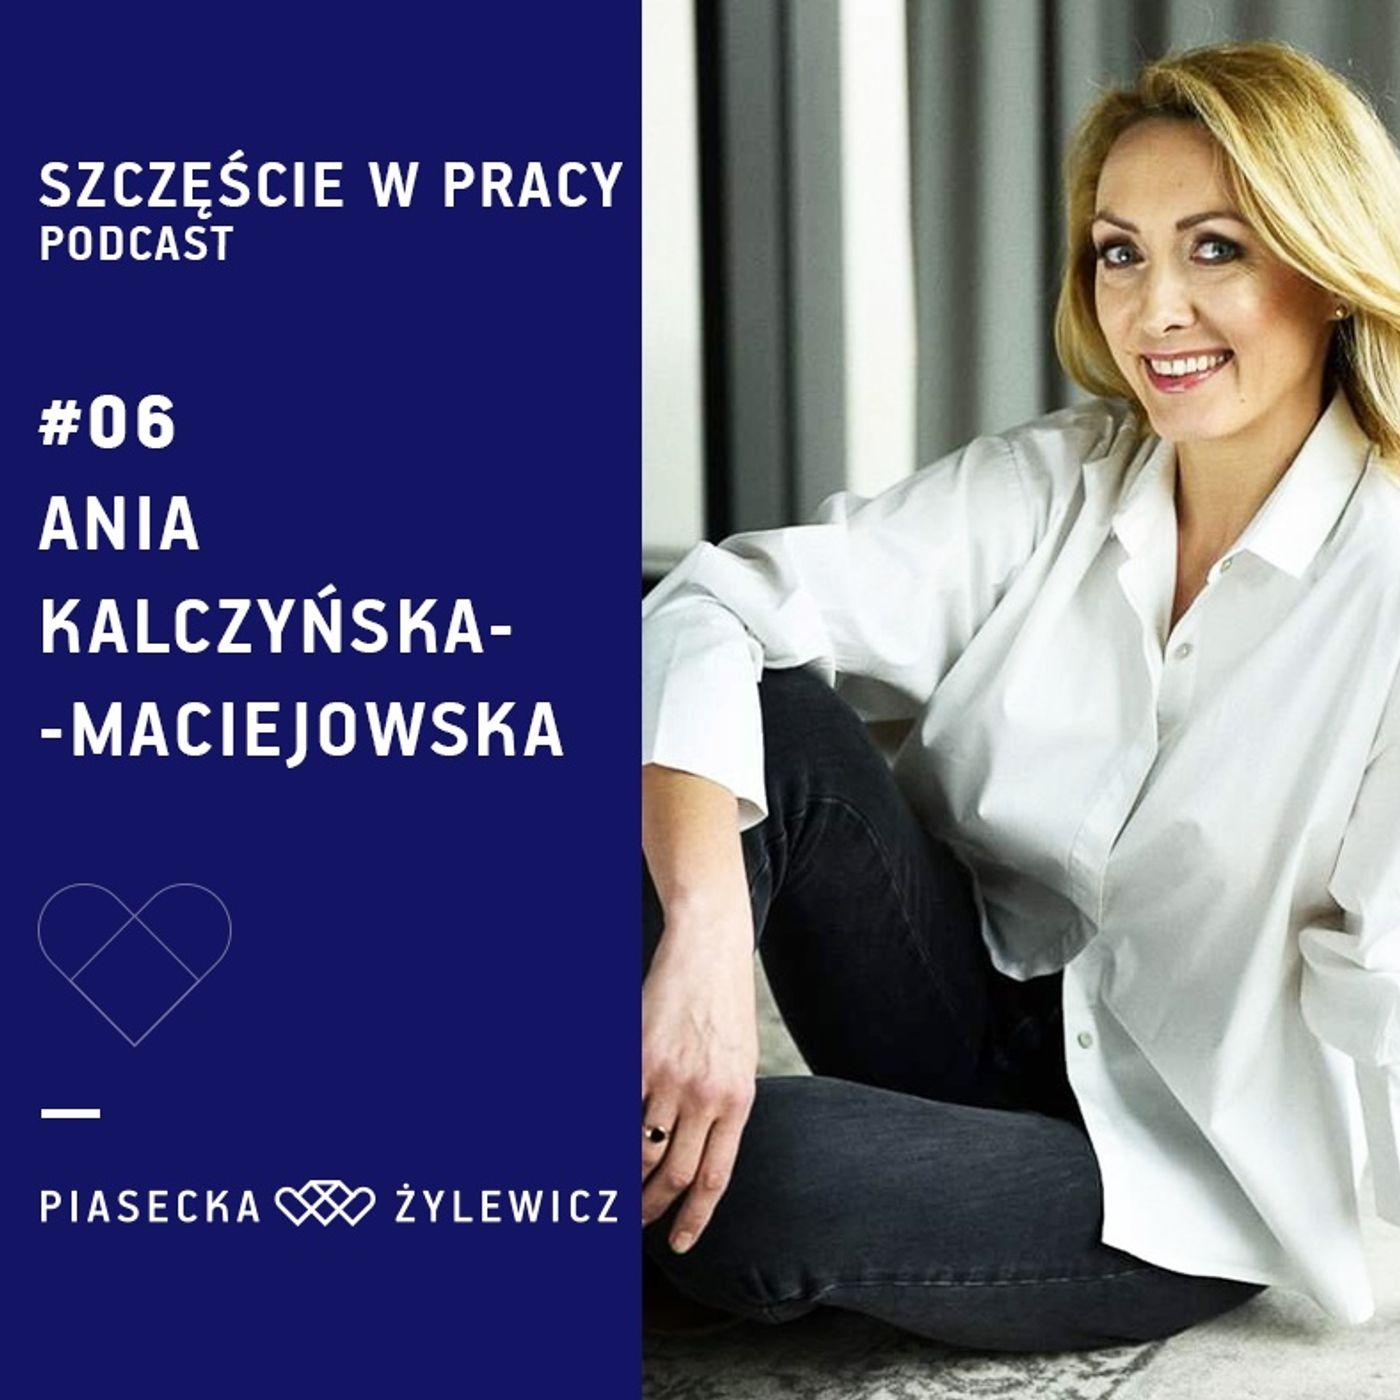 #06 Ania Kalczyńska-Maciejowska